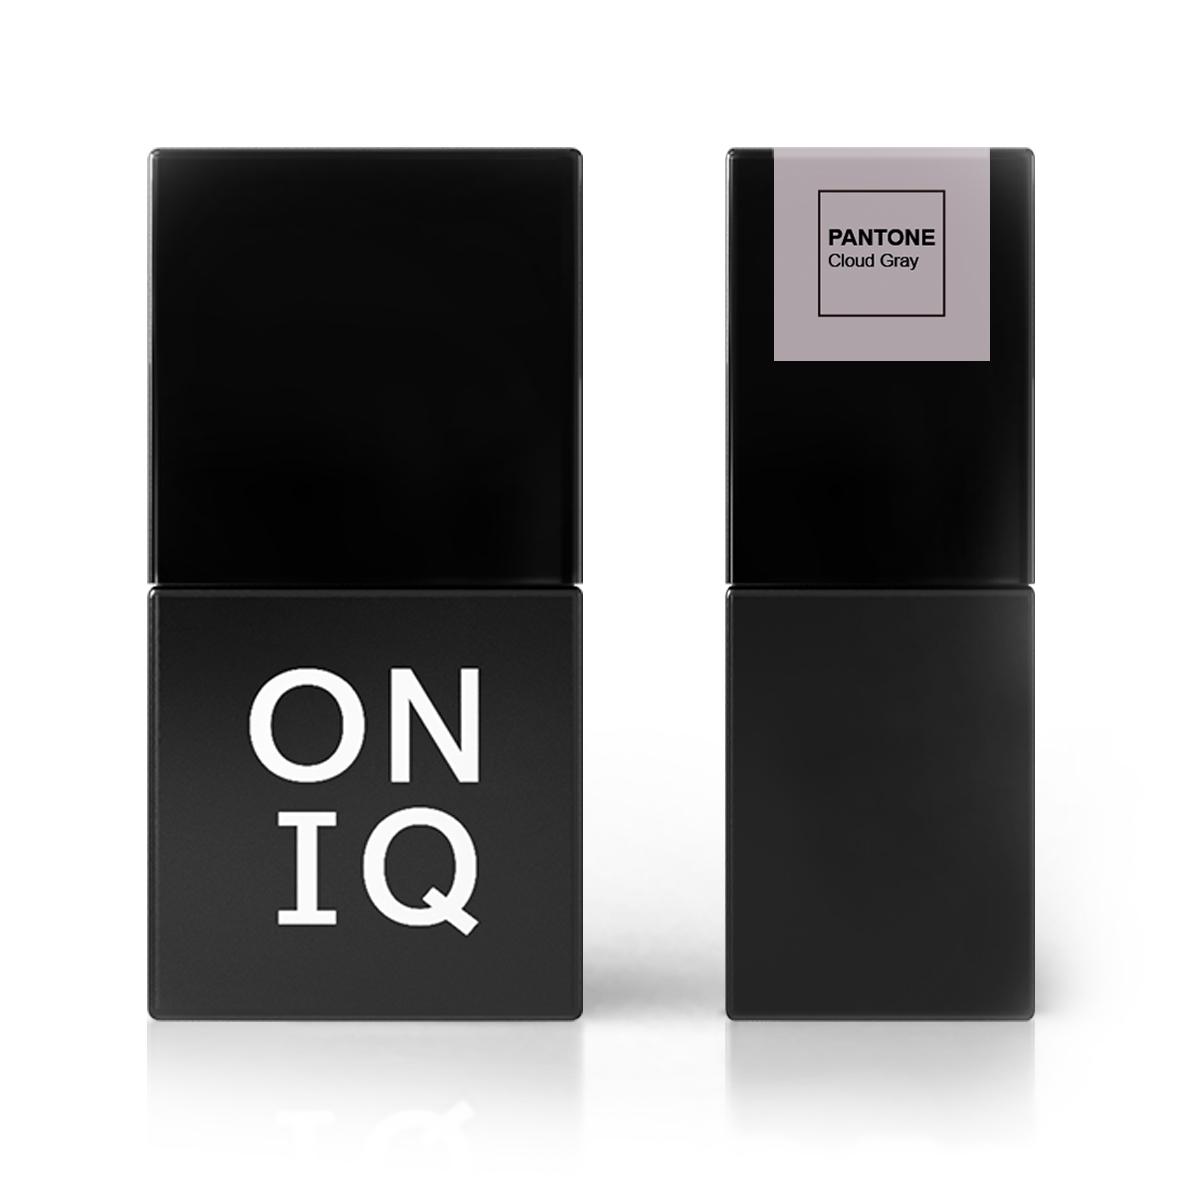 Oniq гель-лак для покрытия ногтей, pantone: cloud gray, 10 мл